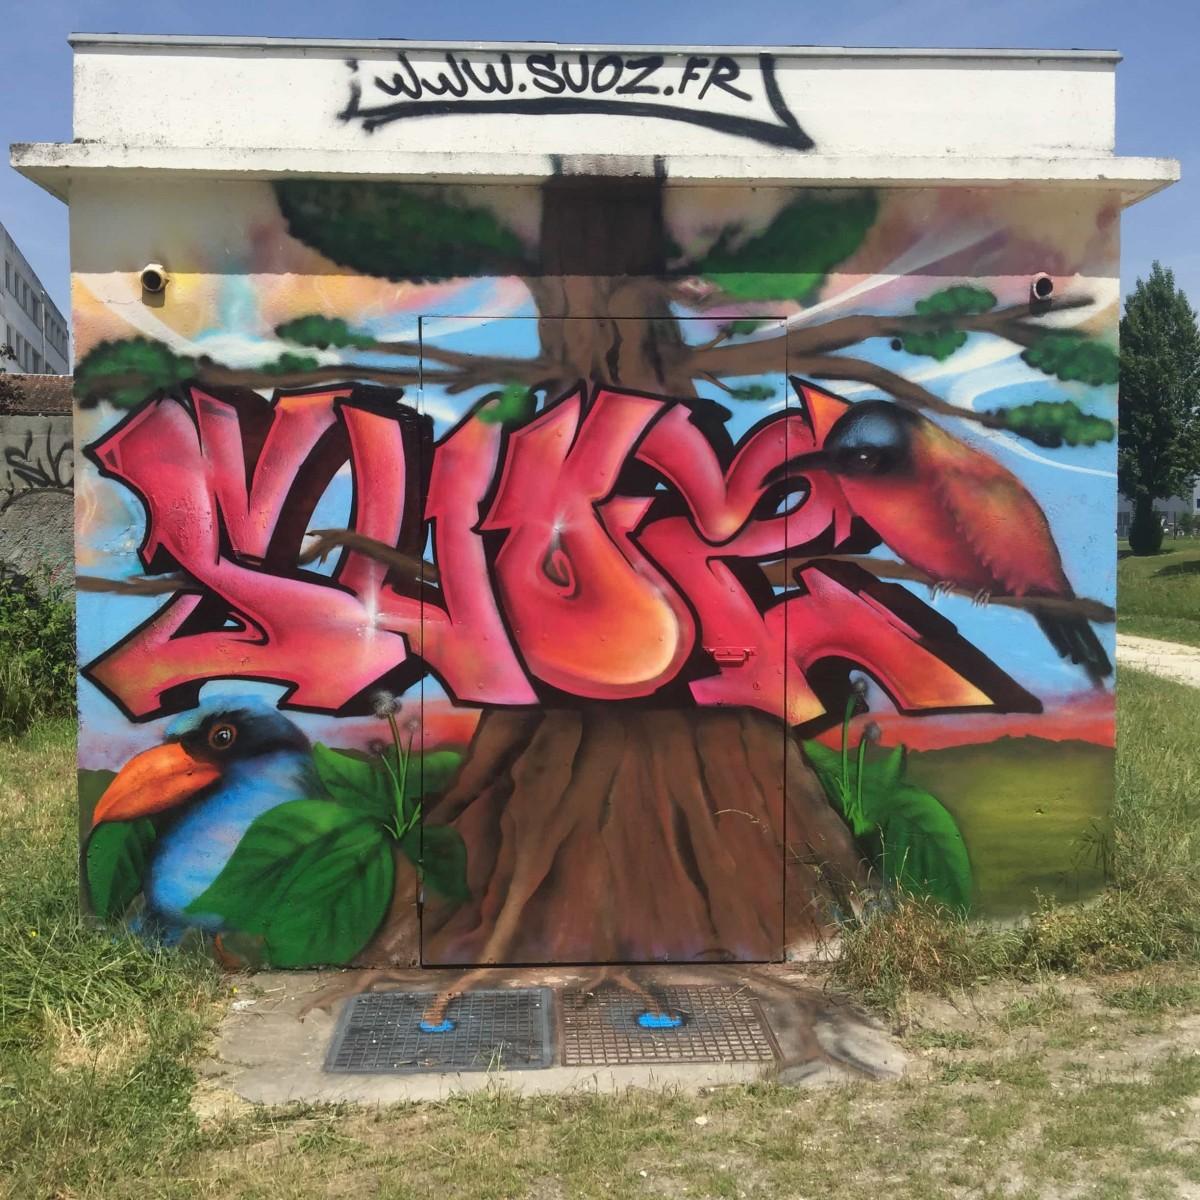 graffiti-tag-nature-suoz-deco-decoration-graff-la-rochelle-devis-ENGIE-erdf